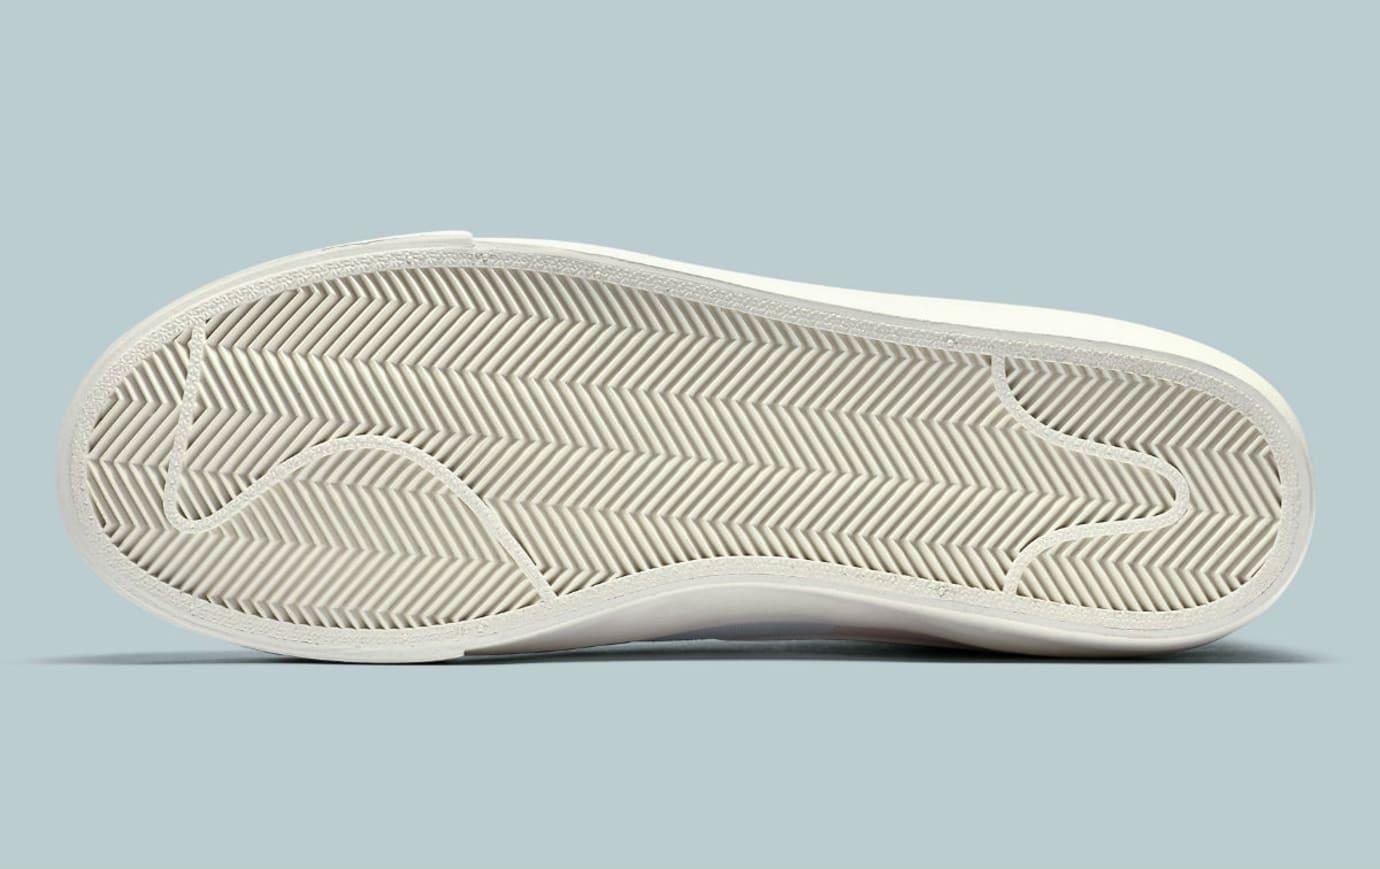 Nike Blazer Easter 2018 Release Date AO2368-600 Sole